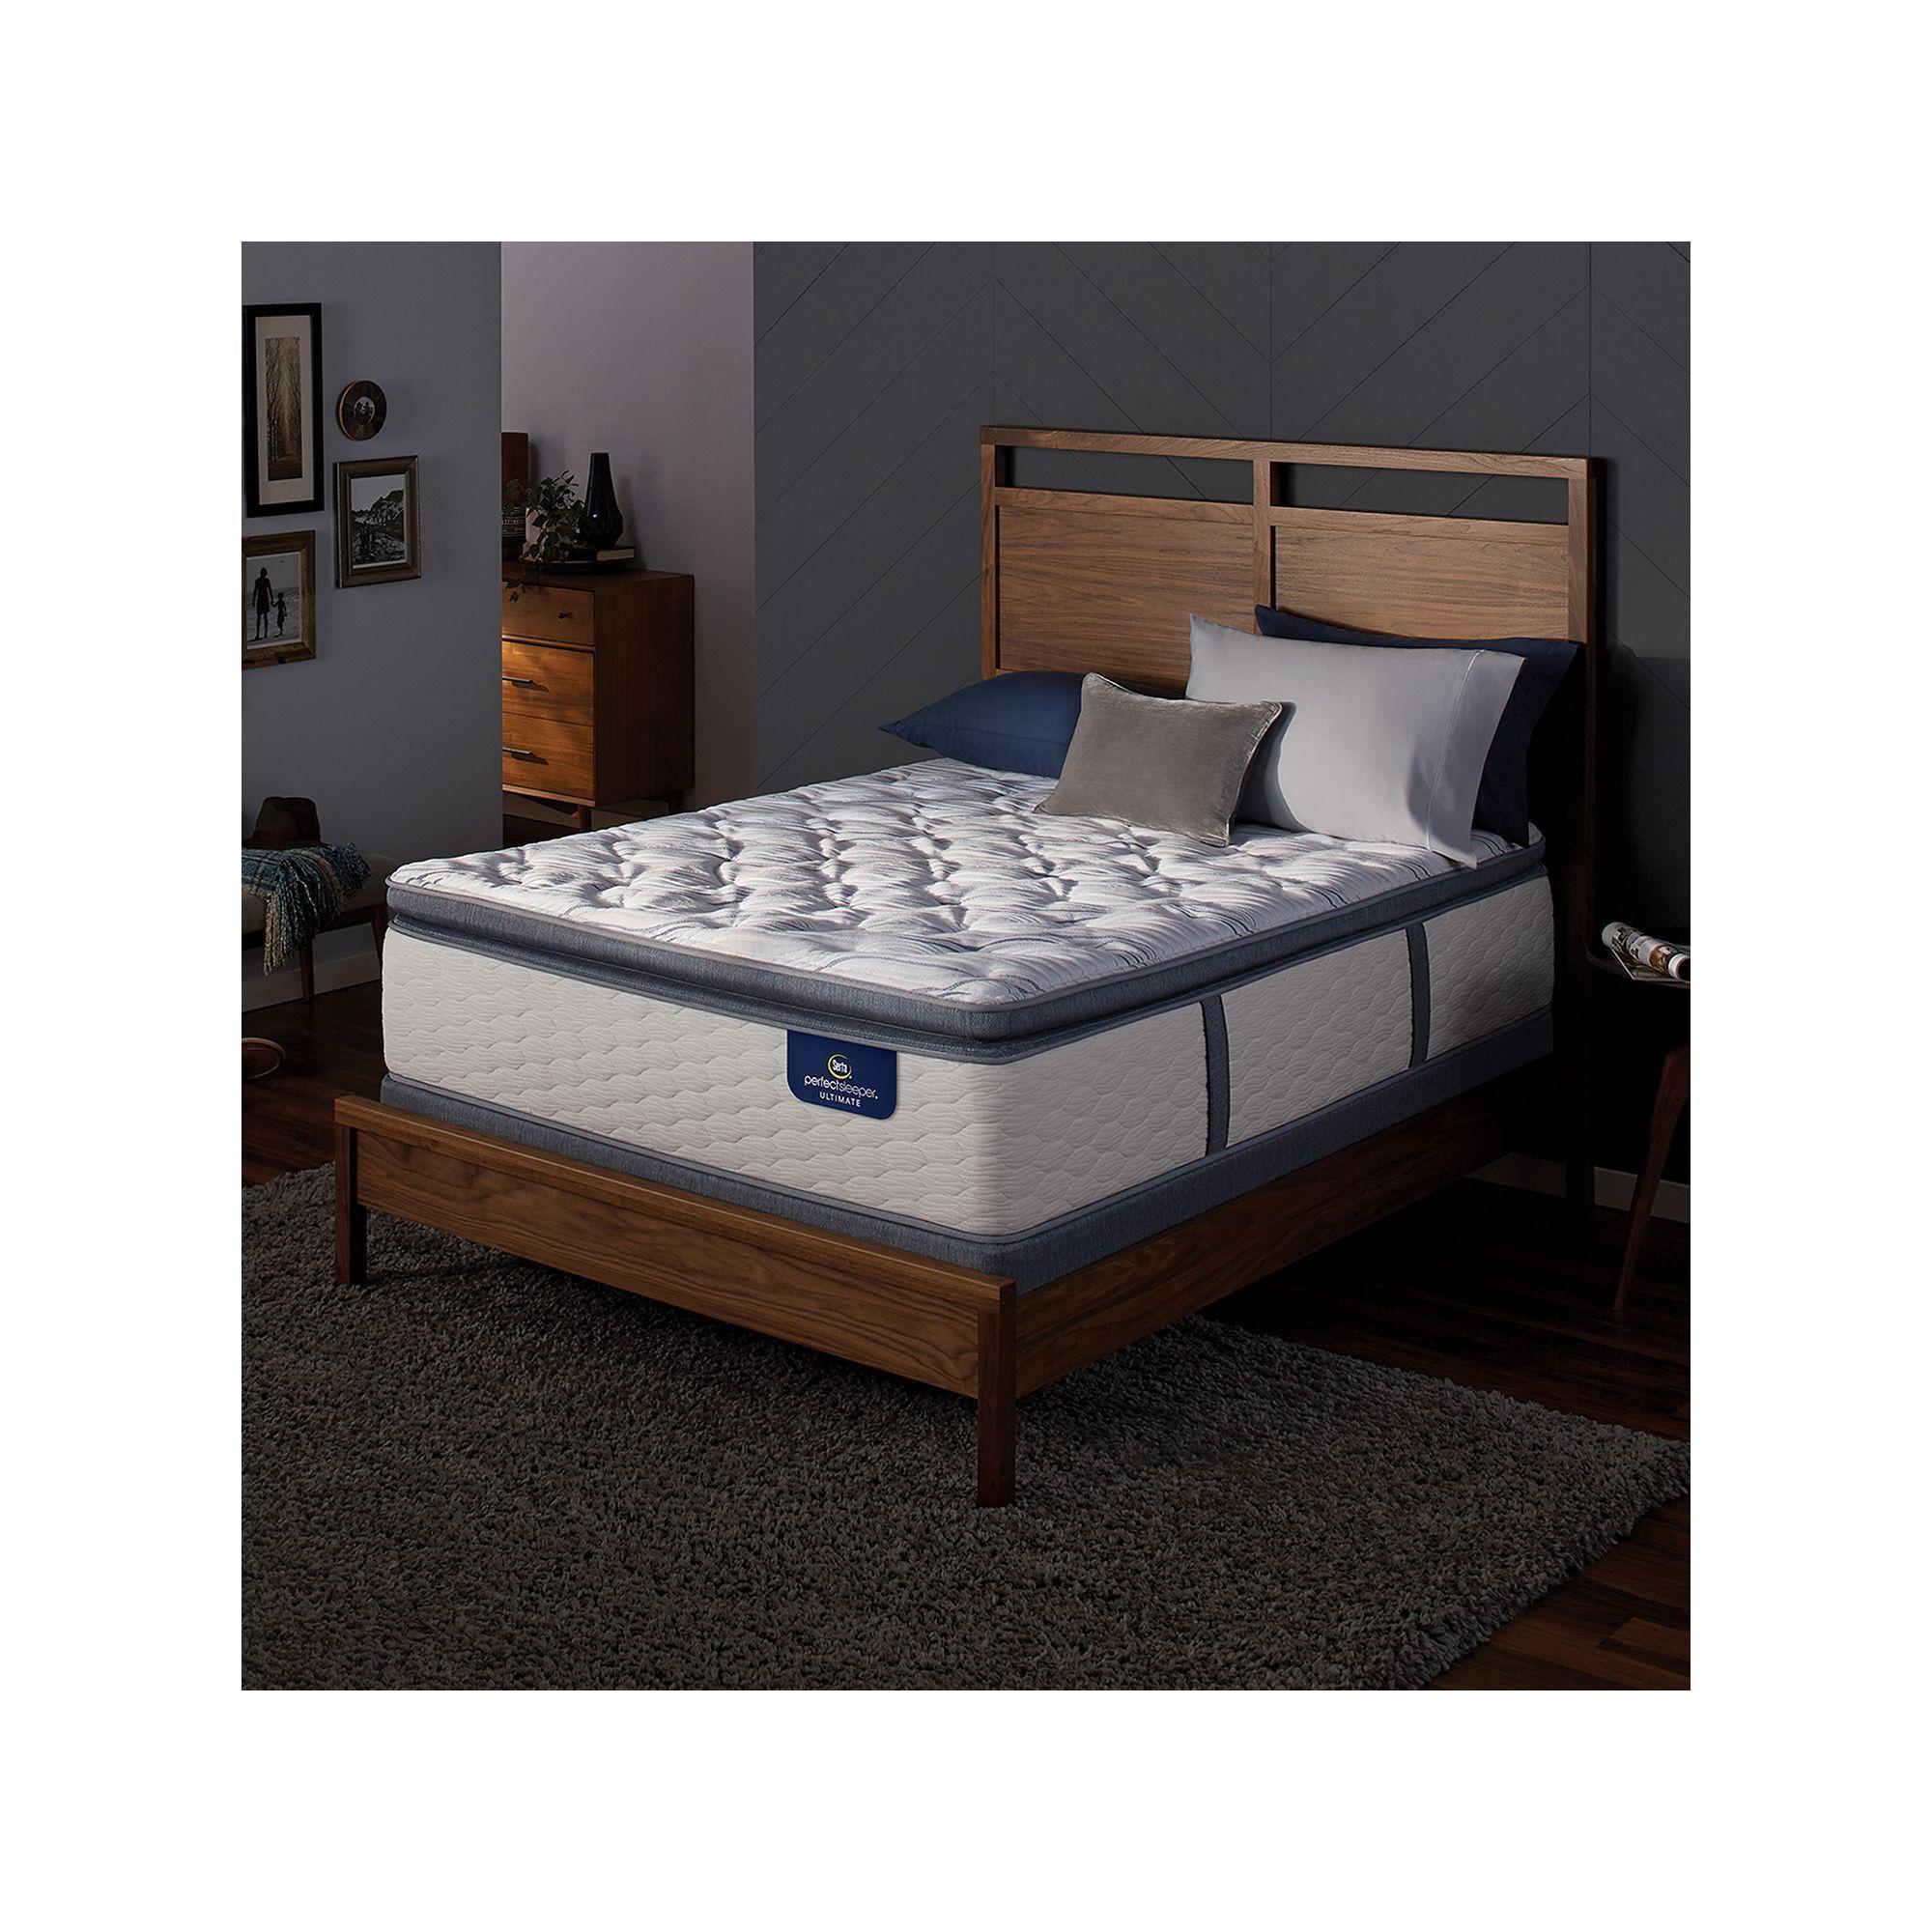 Serta Redbridge Super Pillow Top Firm Mattress Box Spring Set